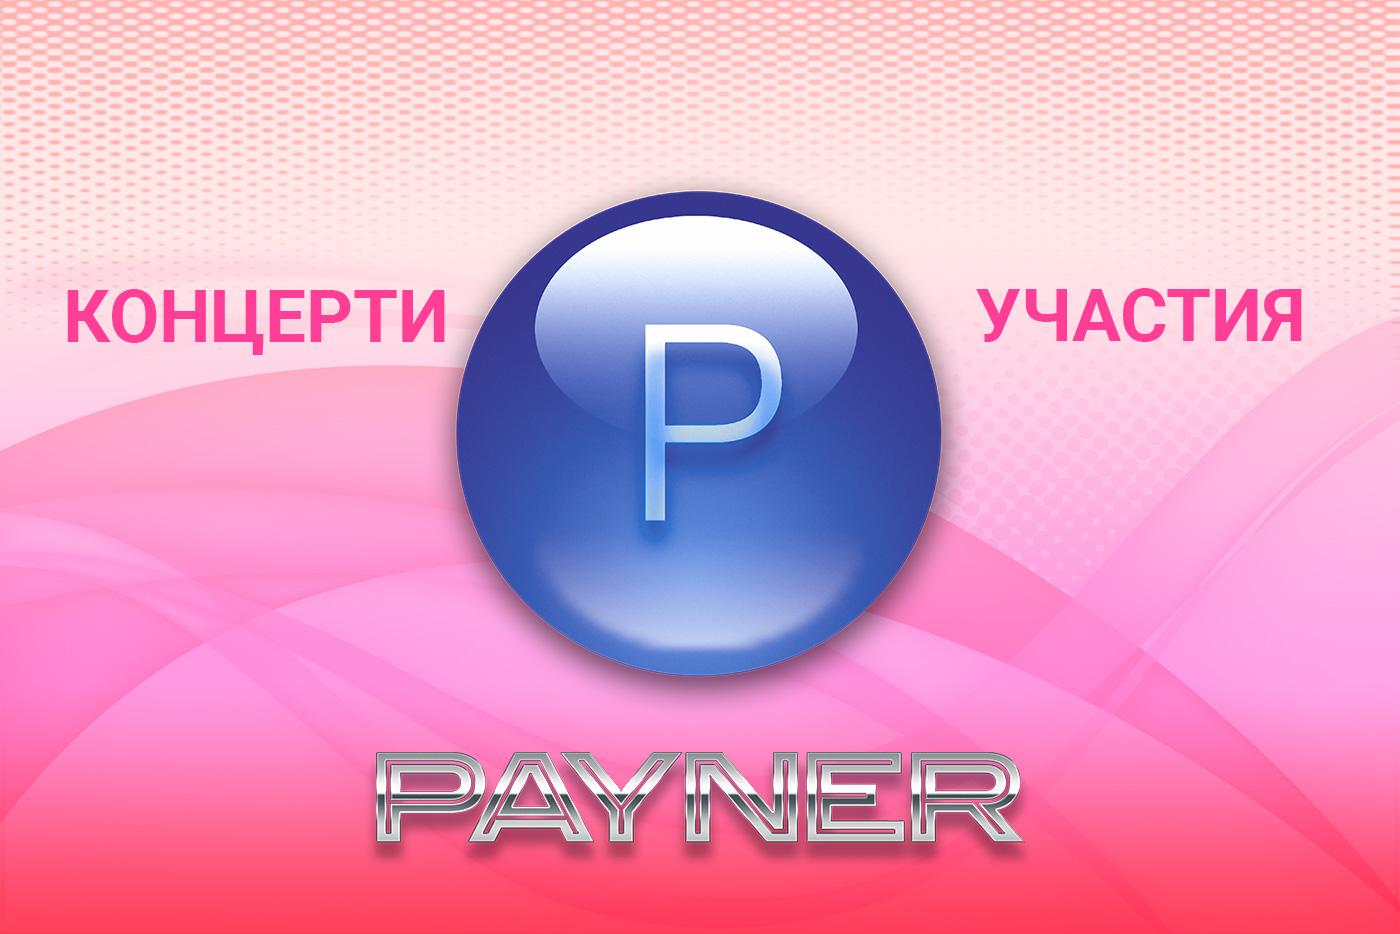 """Участия на звездите на """"Пайнер"""" на 18.06.2019"""